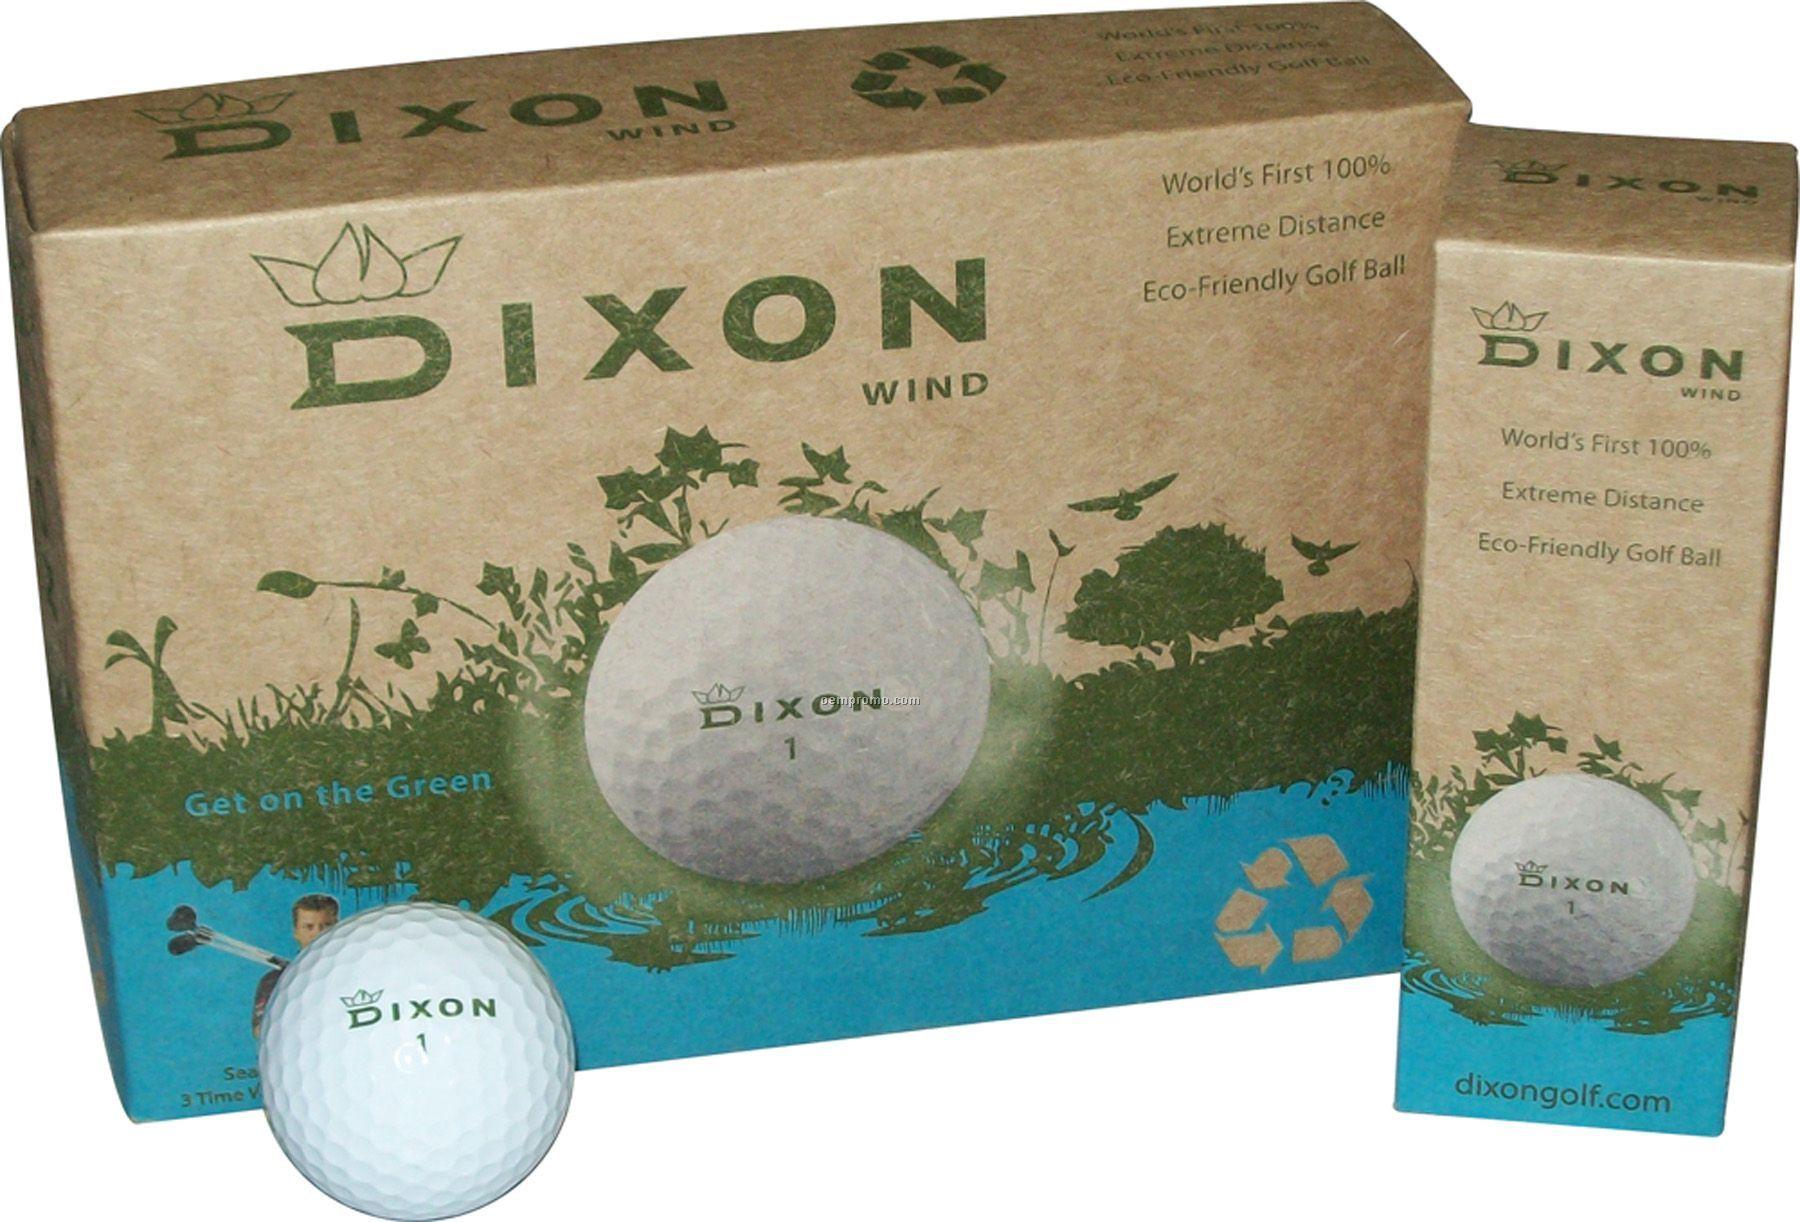 Dixon Wind Golf Balls